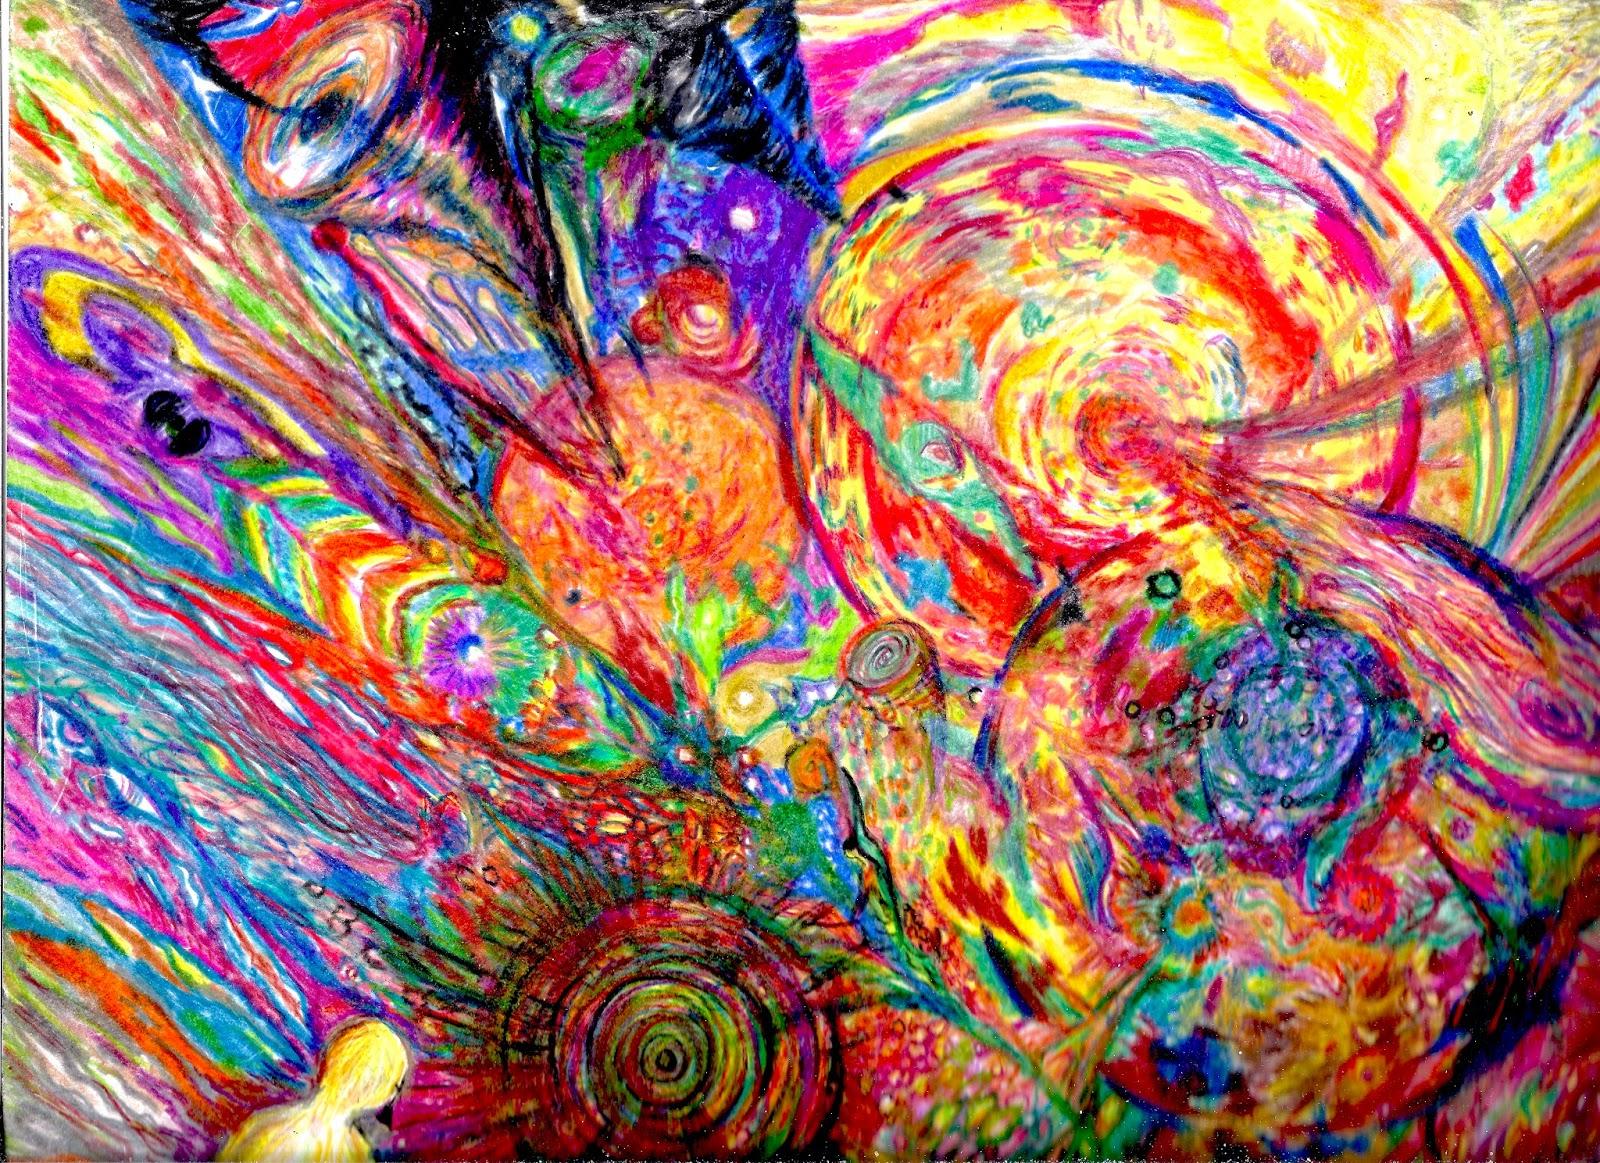 Fumettolosteriaulisse oltre l 39 incomunicabilit macchie di - Immagini di tacchini a colori ...